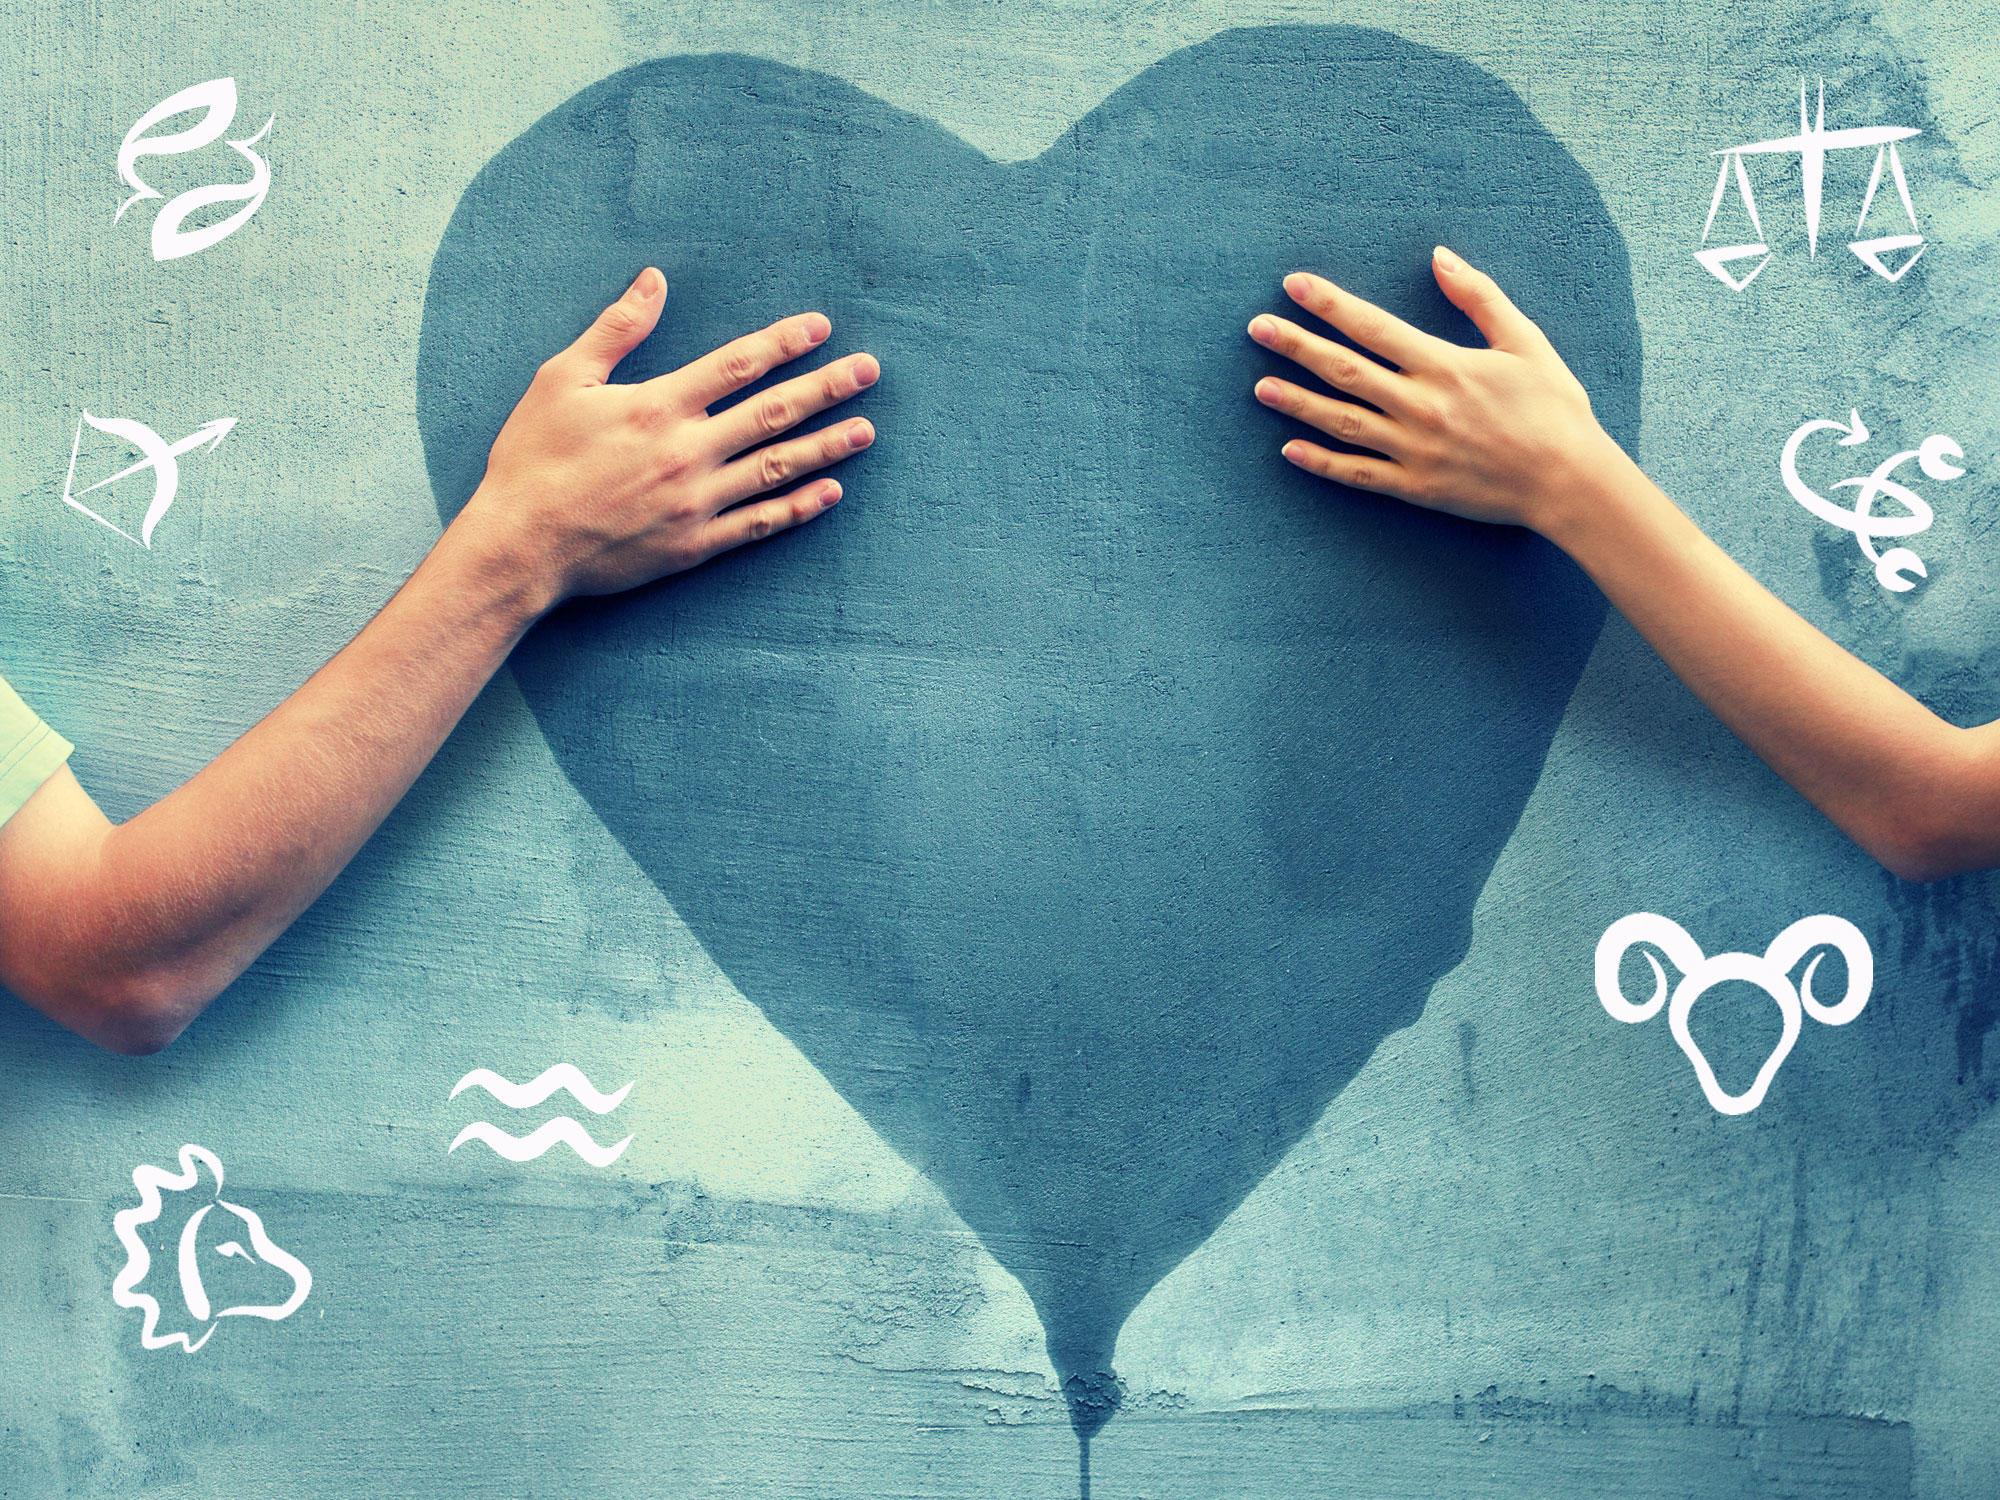 Sechs Sternzeichen Steht 2019 Die Trennung Bevor Brigittede